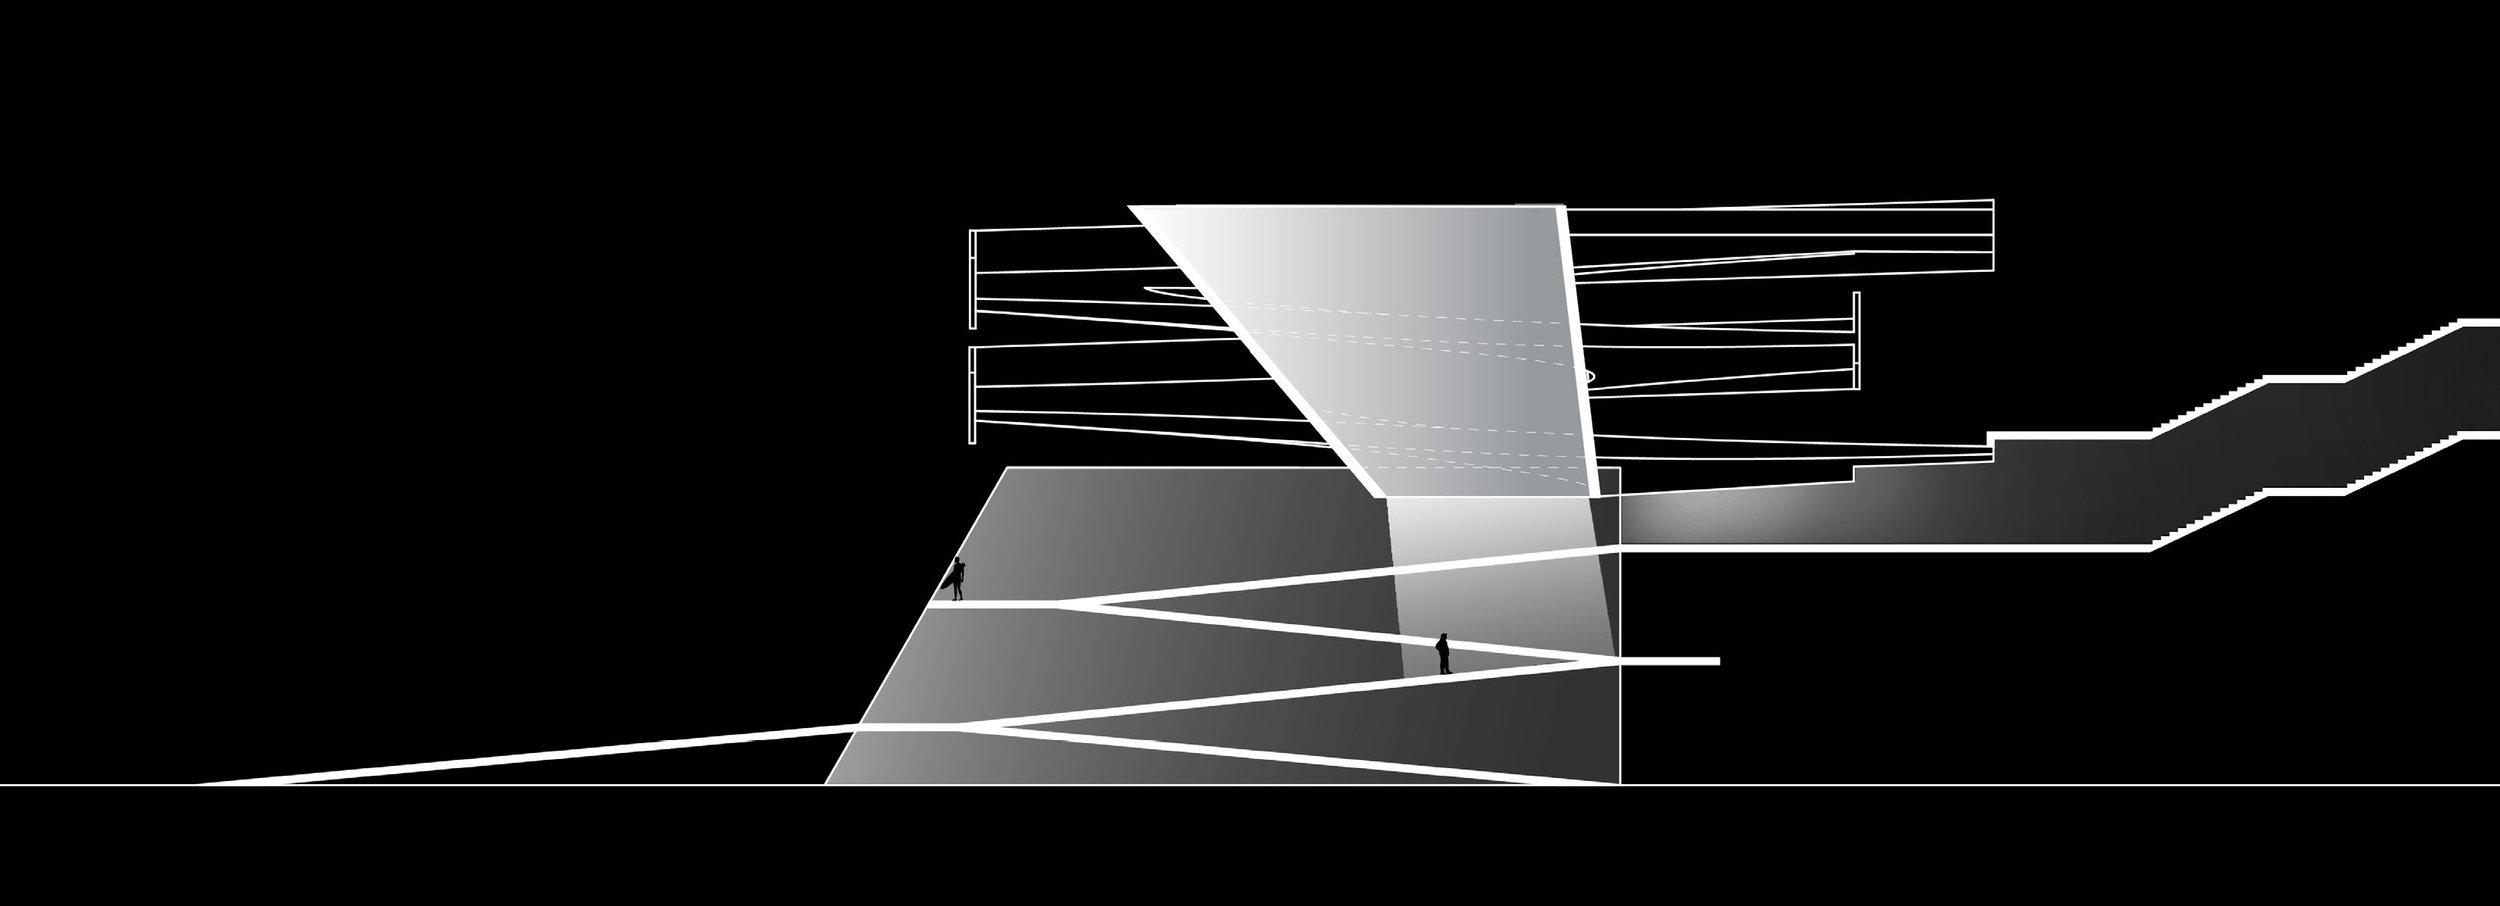 ARCH602-thesis-shimizu-x_peng-06.jpg